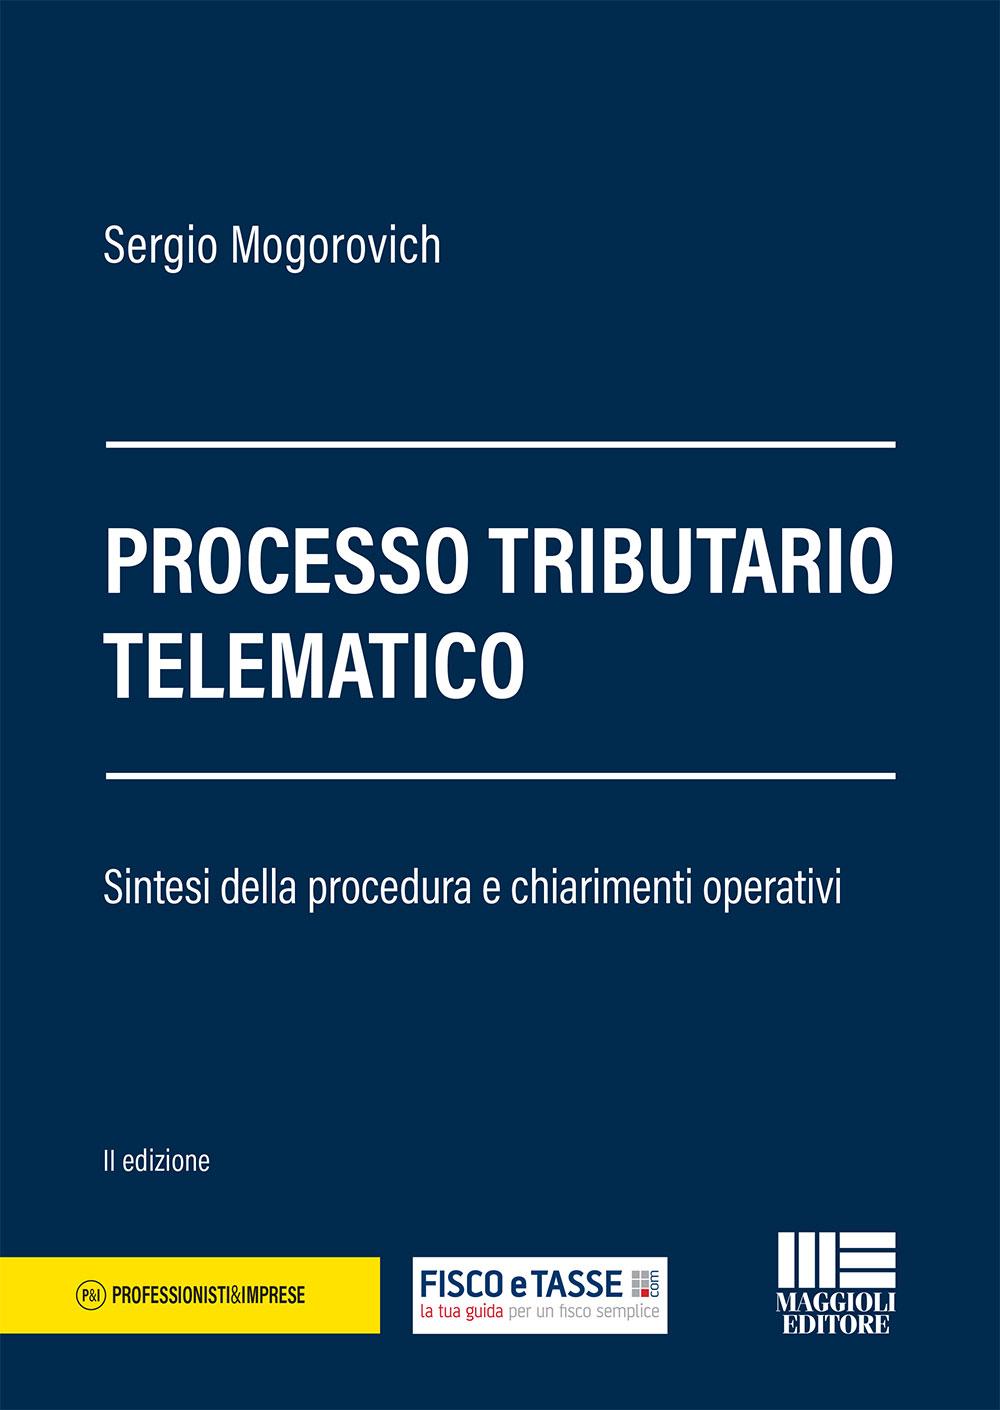 Processo tributario telematico - Libro di carta